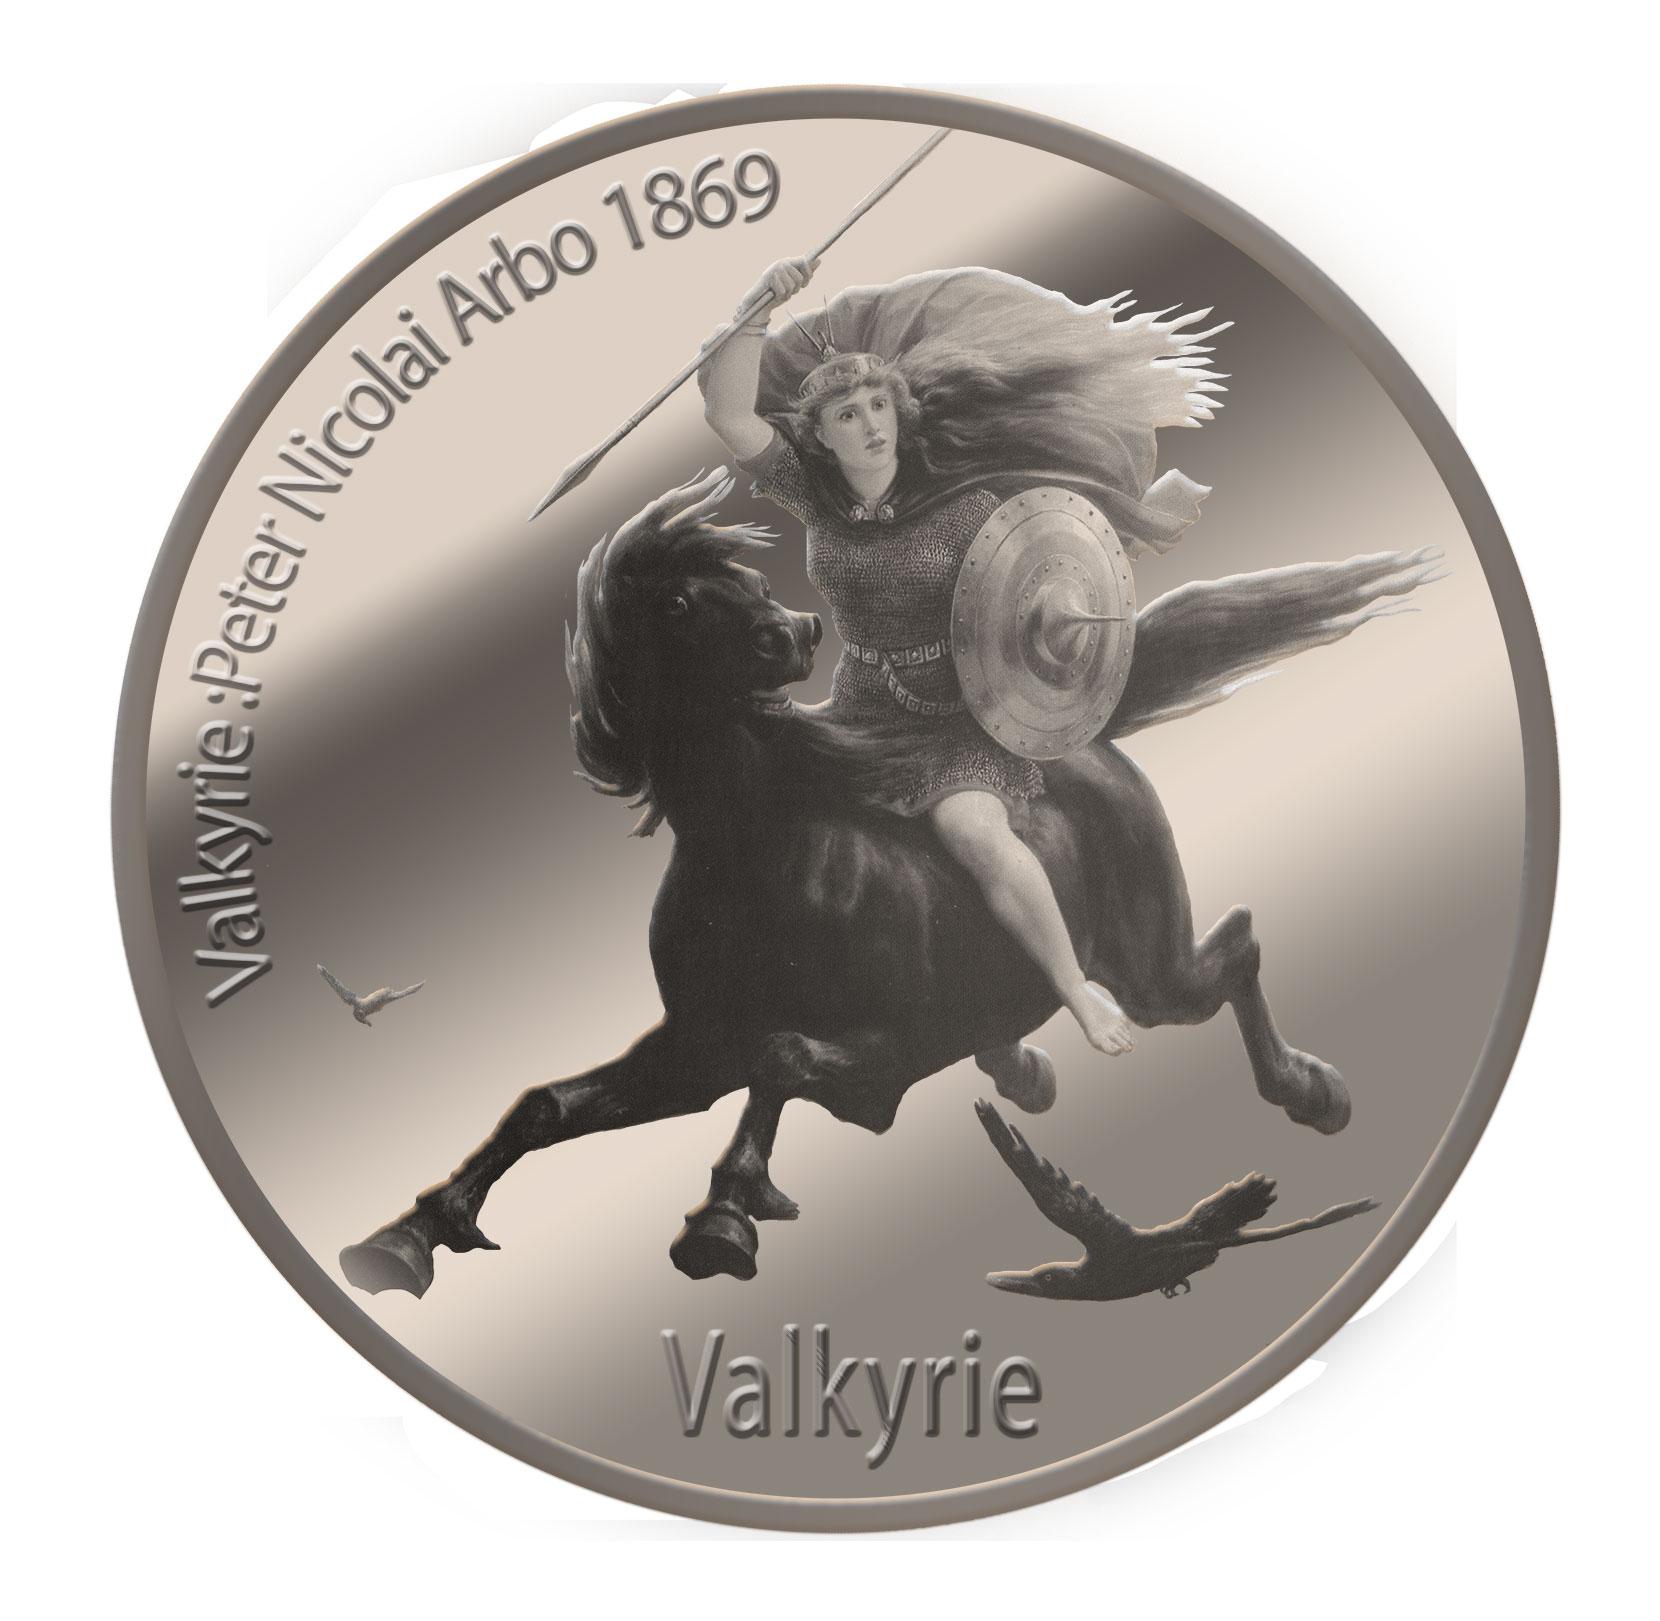 Valkyrie-coin